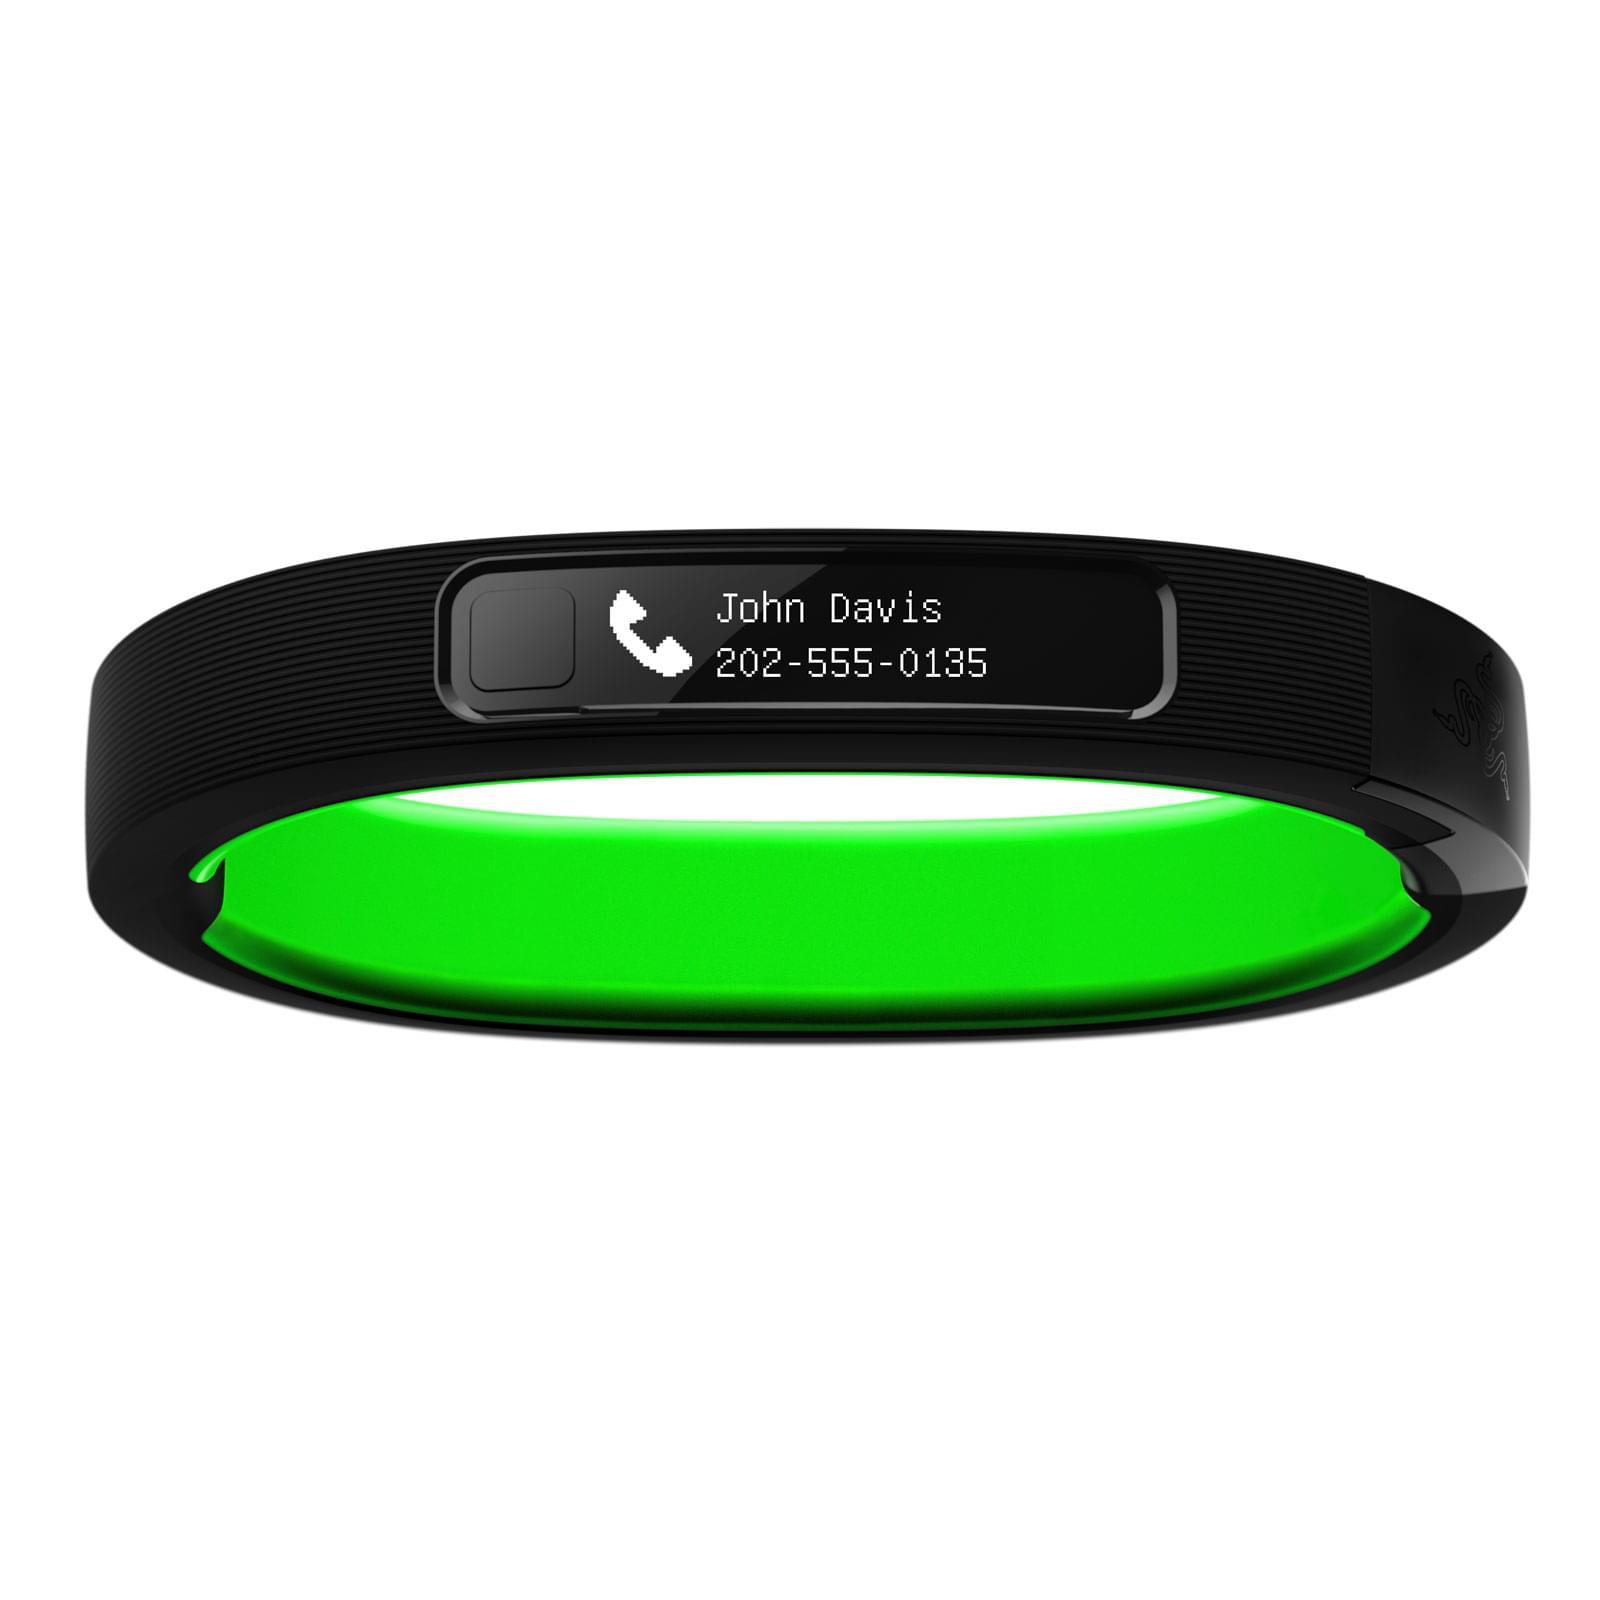 Razer Bracelet connecté NABU Green Large (RZ15-01180300-R3M1) - Achat / Vente Accessoire Téléphonie sur Cybertek.fr - 0